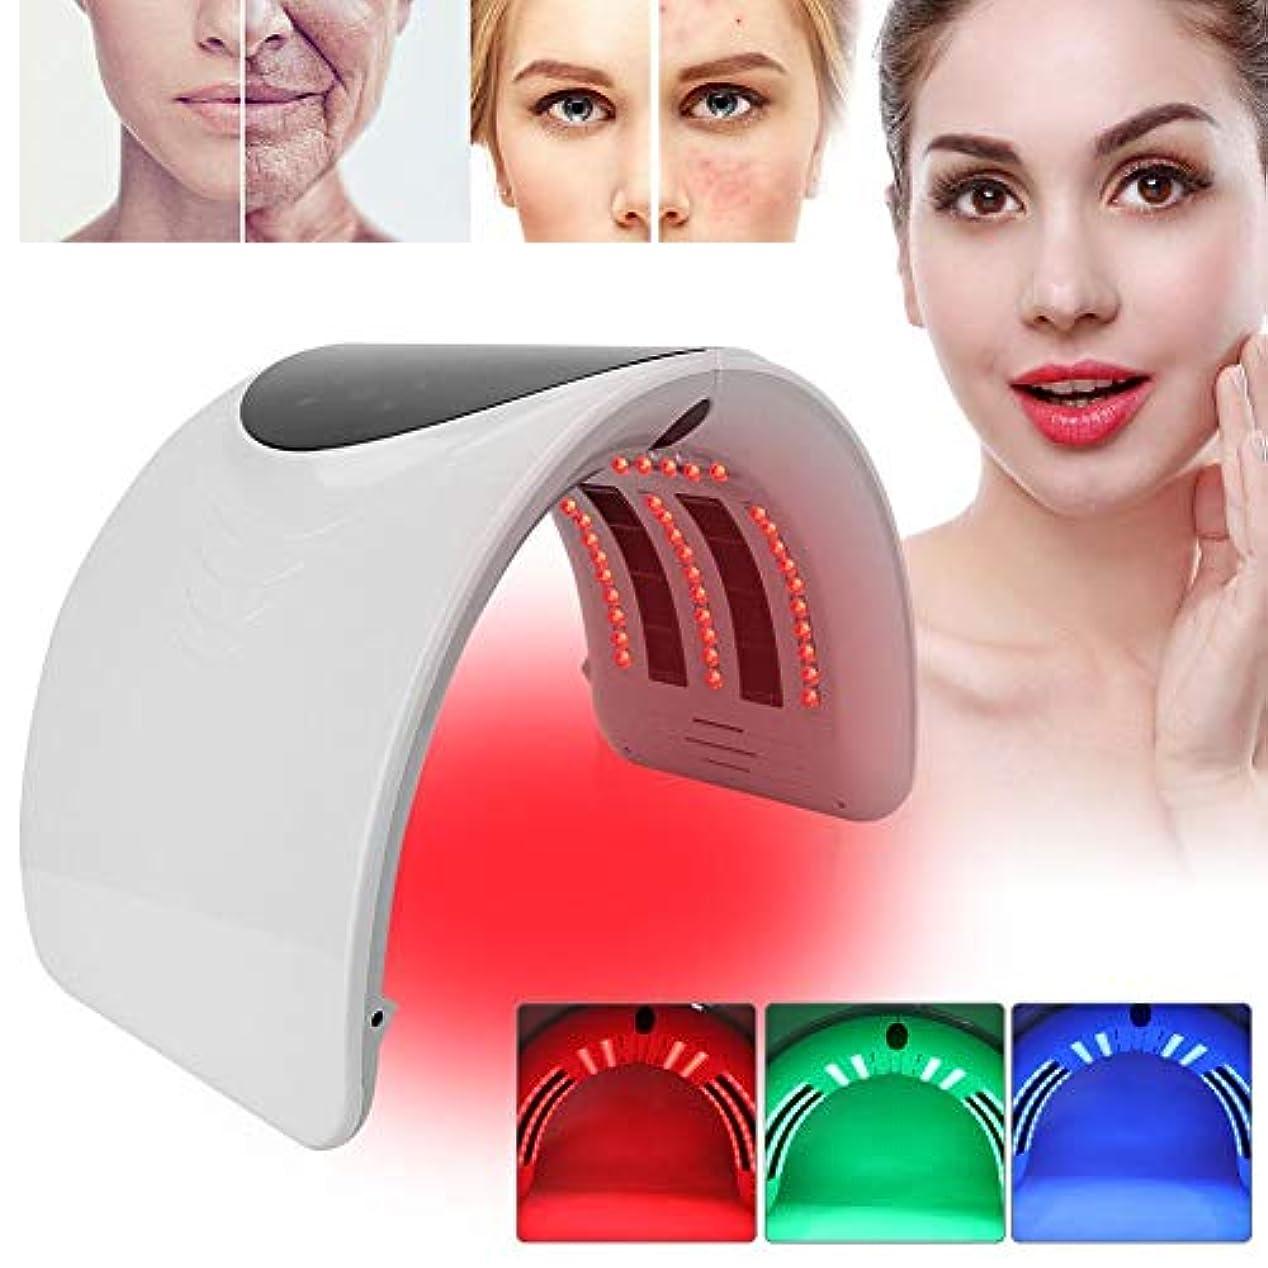 ガチョウ医療の中絶PDTの軽い療法の美顔術機械、6色の新しい折り畳み式アクネの取り外しのスキンケアの処置機械(01)